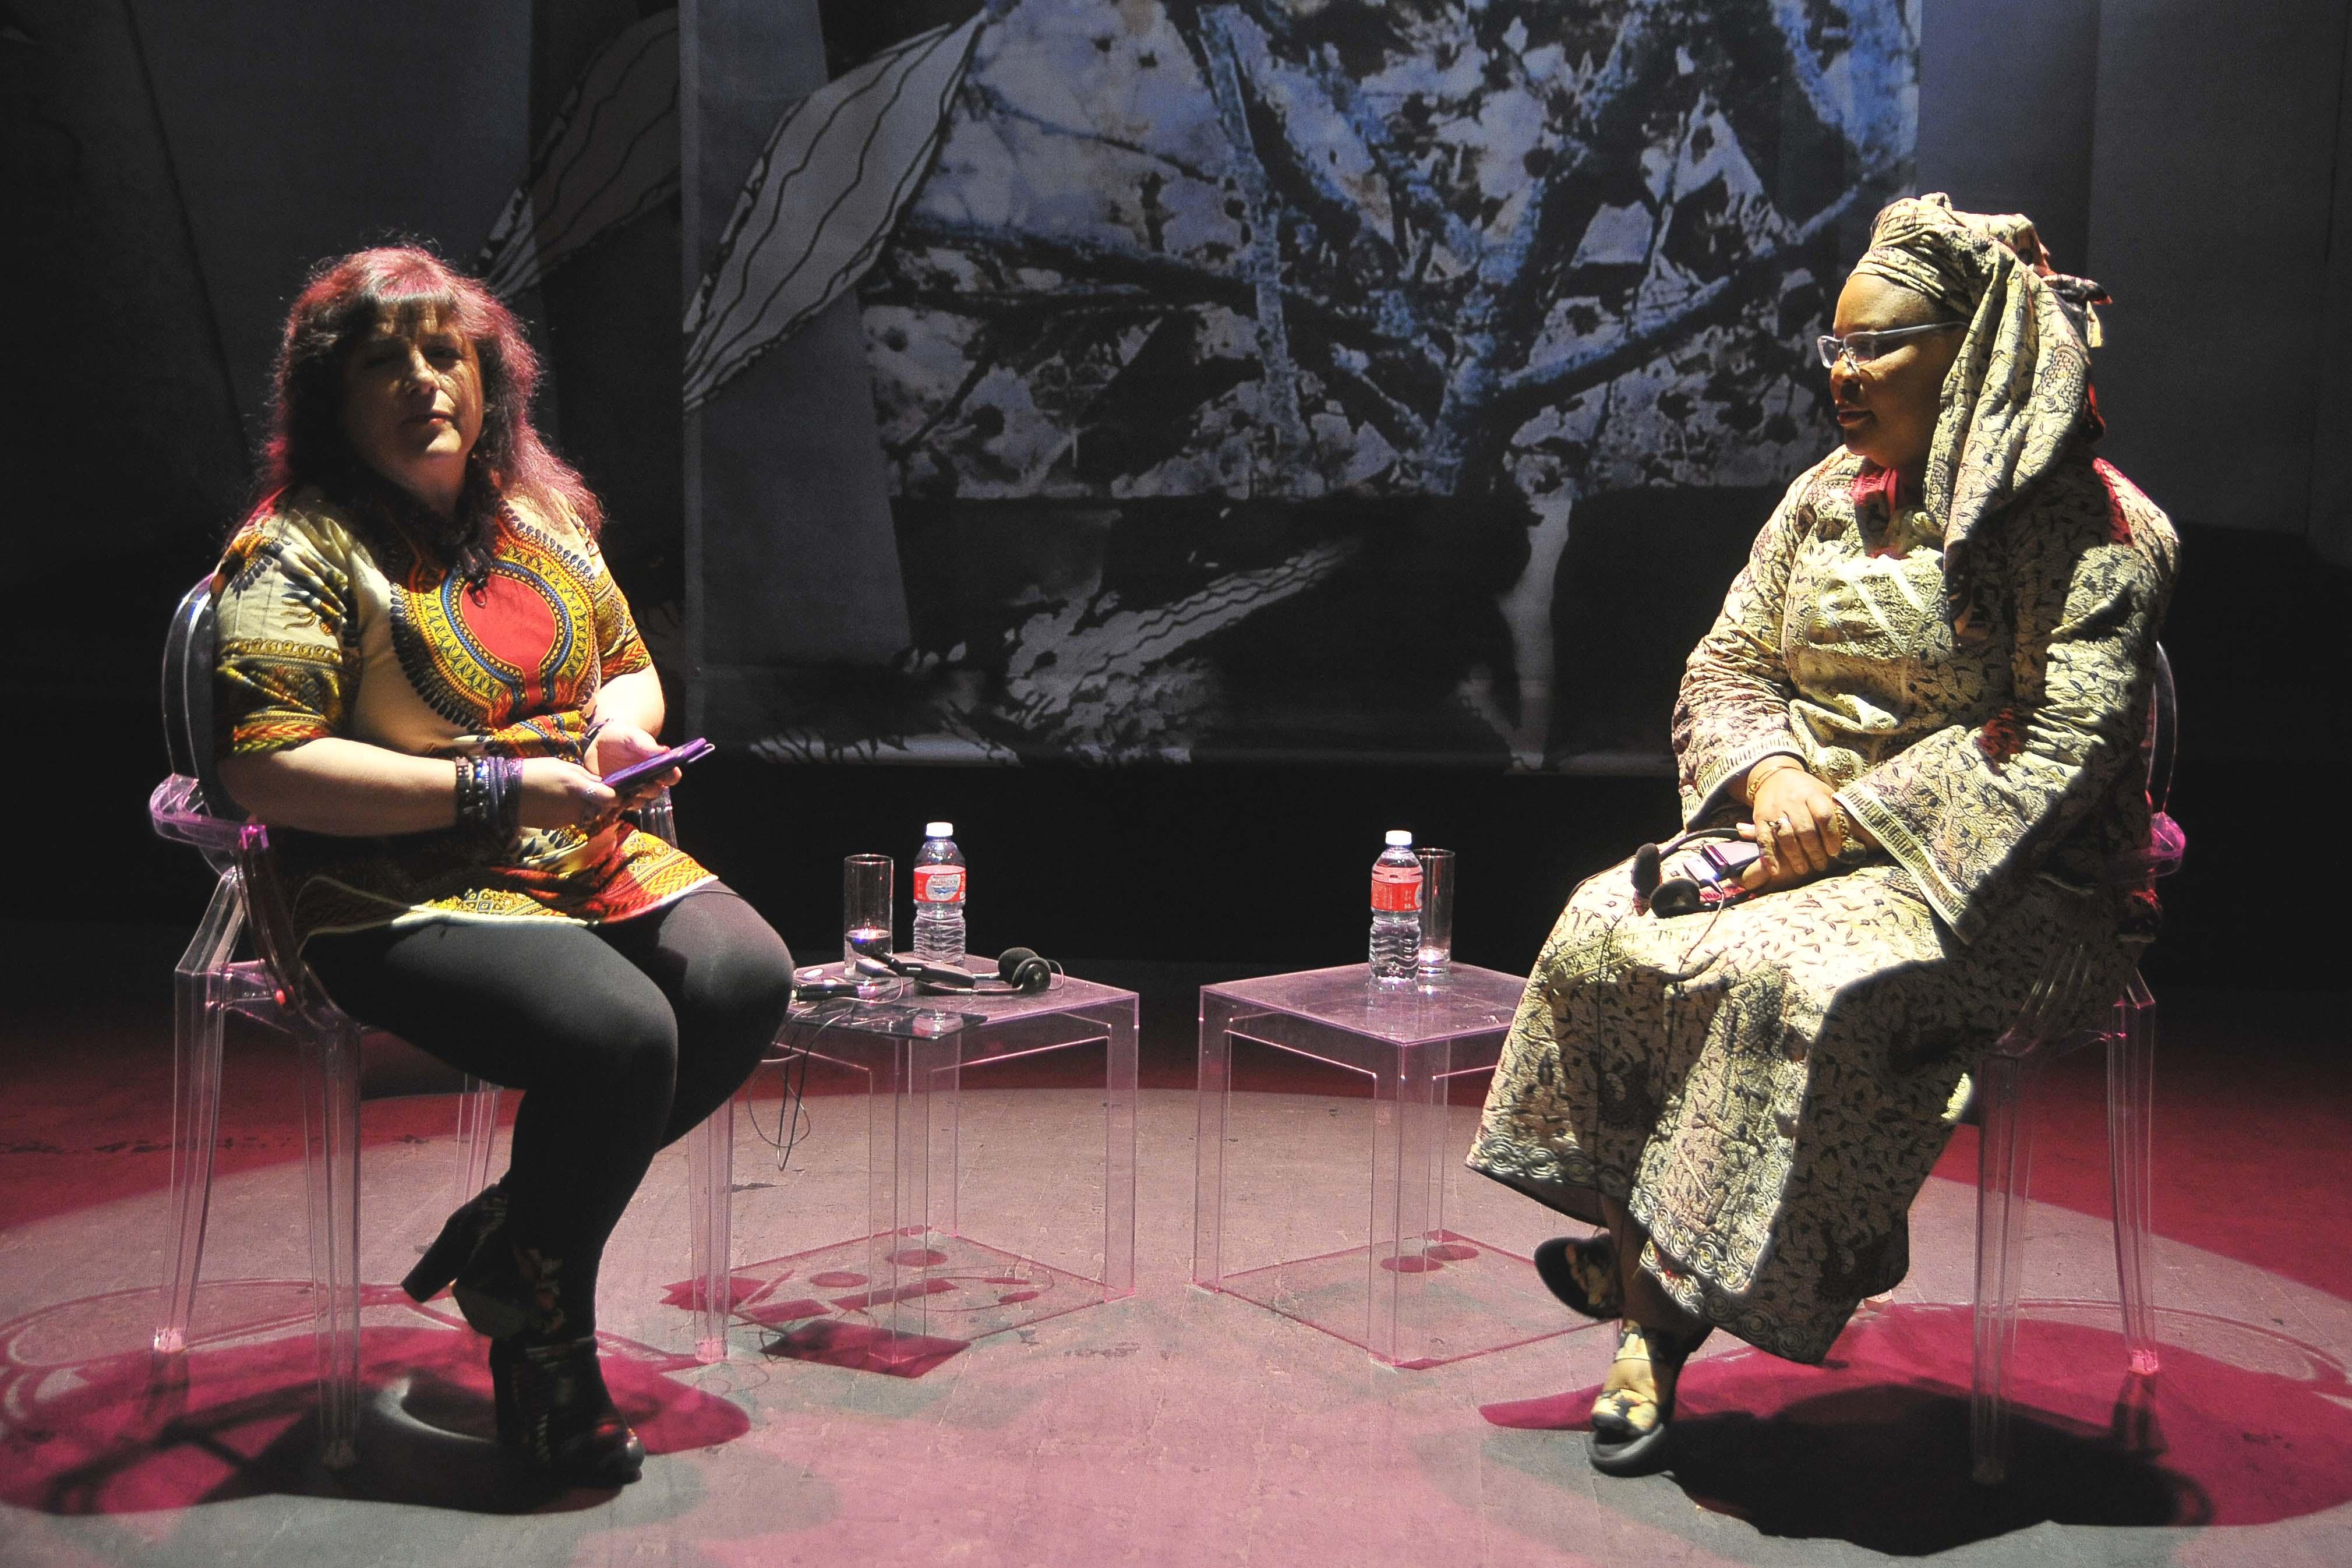 """La periodista Pilar Requena y la Premio Nobel de la Paz 2011 Leymah Gbowee durante la charla en el VII Encuentro """"Mujeres que transfroman el mundo"""" de Segovia. Fotos: Alberto Benavente"""